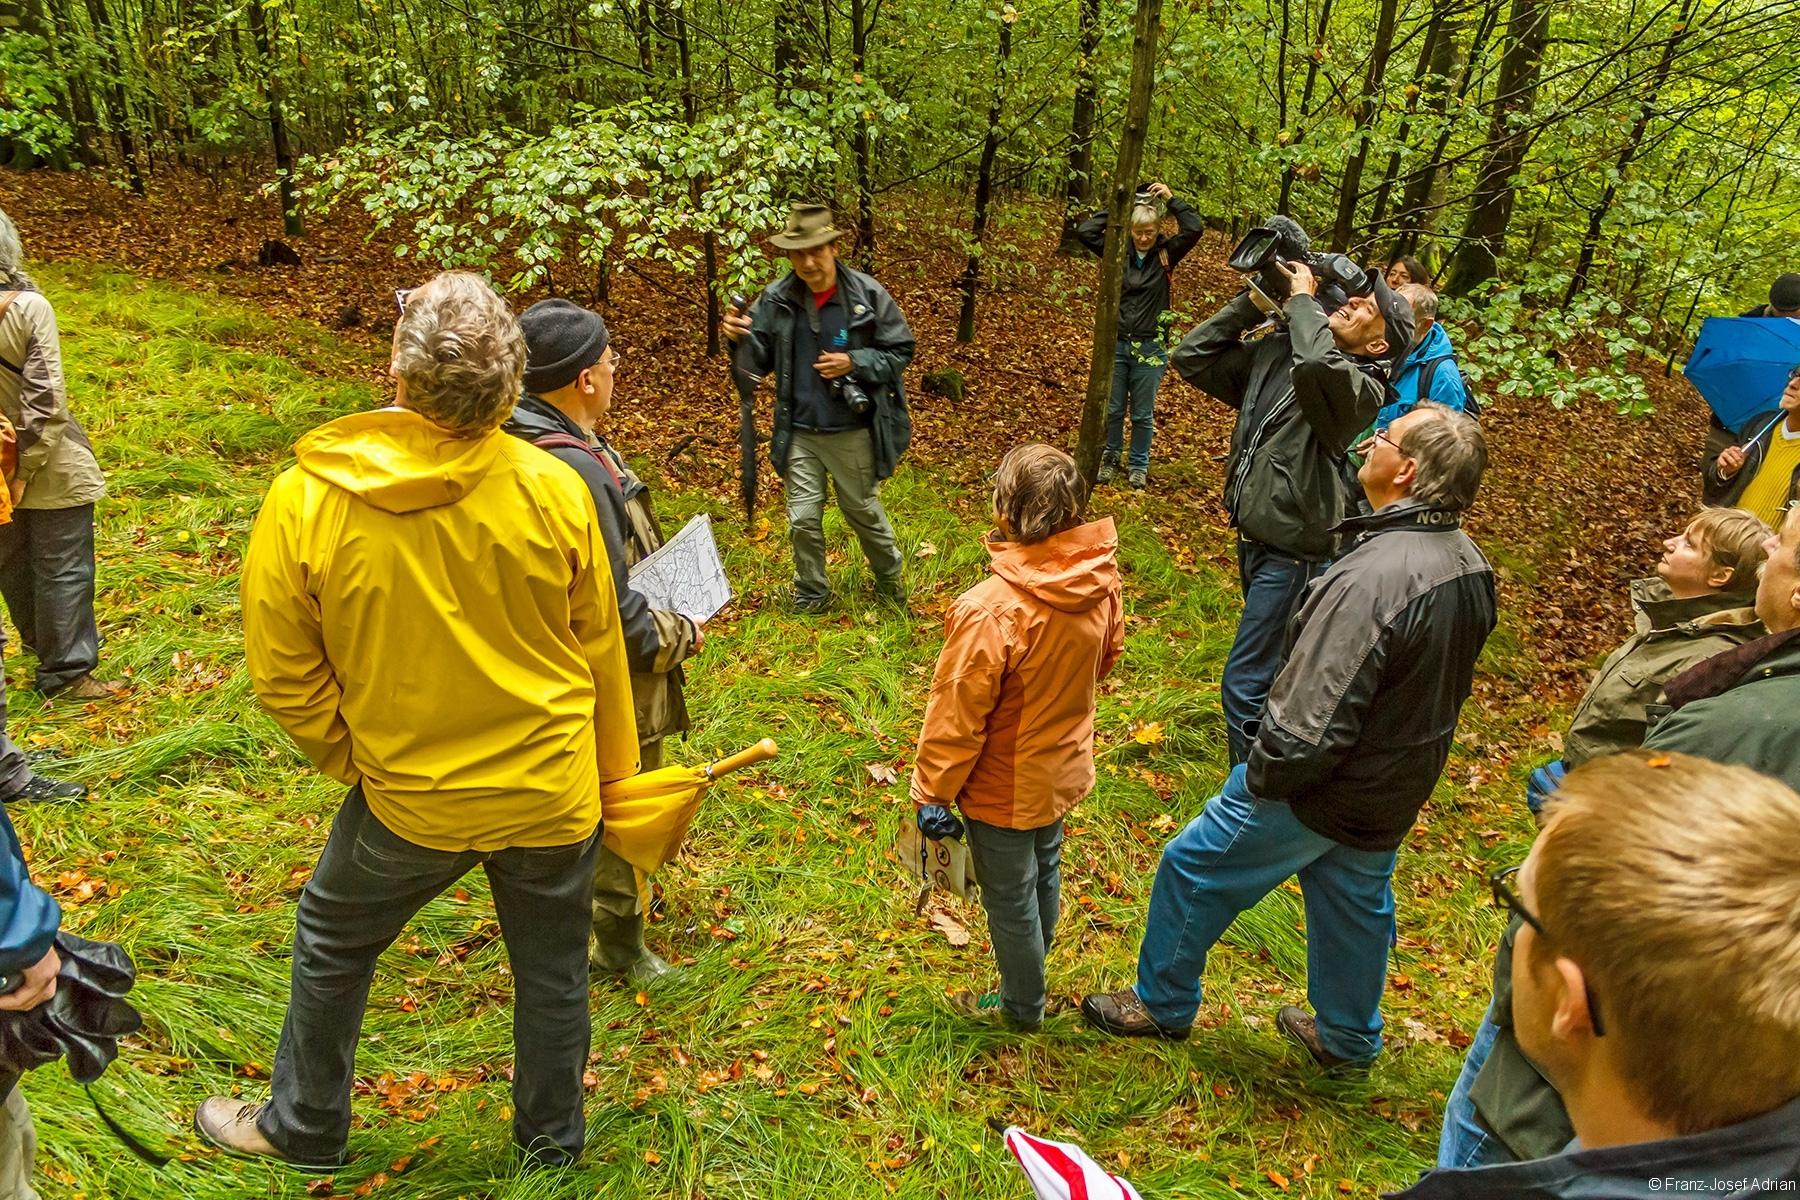 Dreharbeiten auf kleiner Lichtung in der Waldabteilung Pflanzung